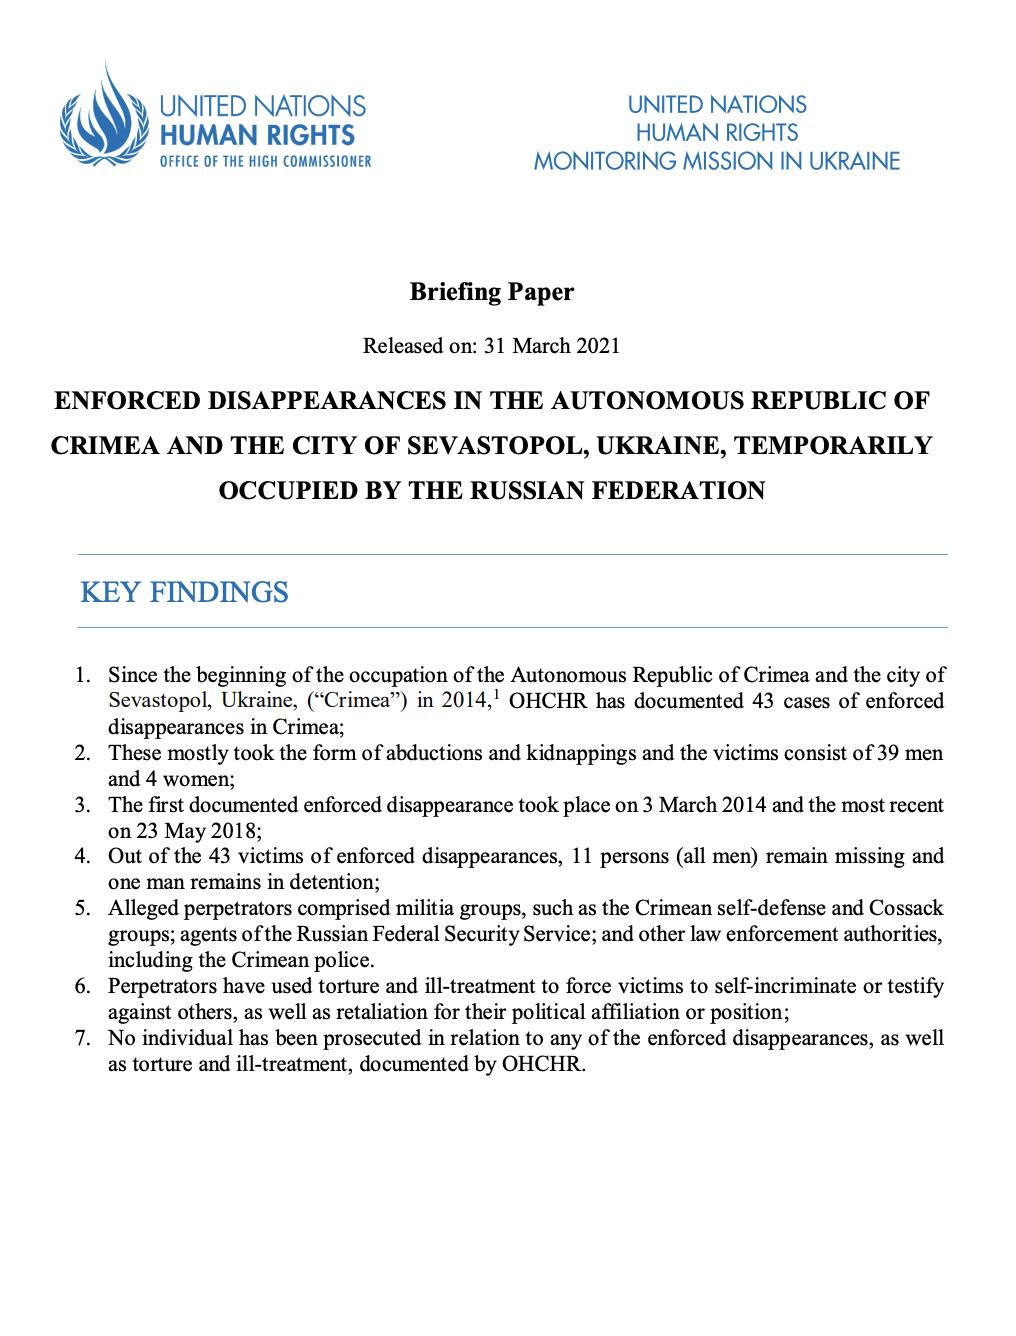 Насильницькі зникнення в автономній республіці Крим і місті Севастополі (україна), тимчасово окупованих Російською Федерацією